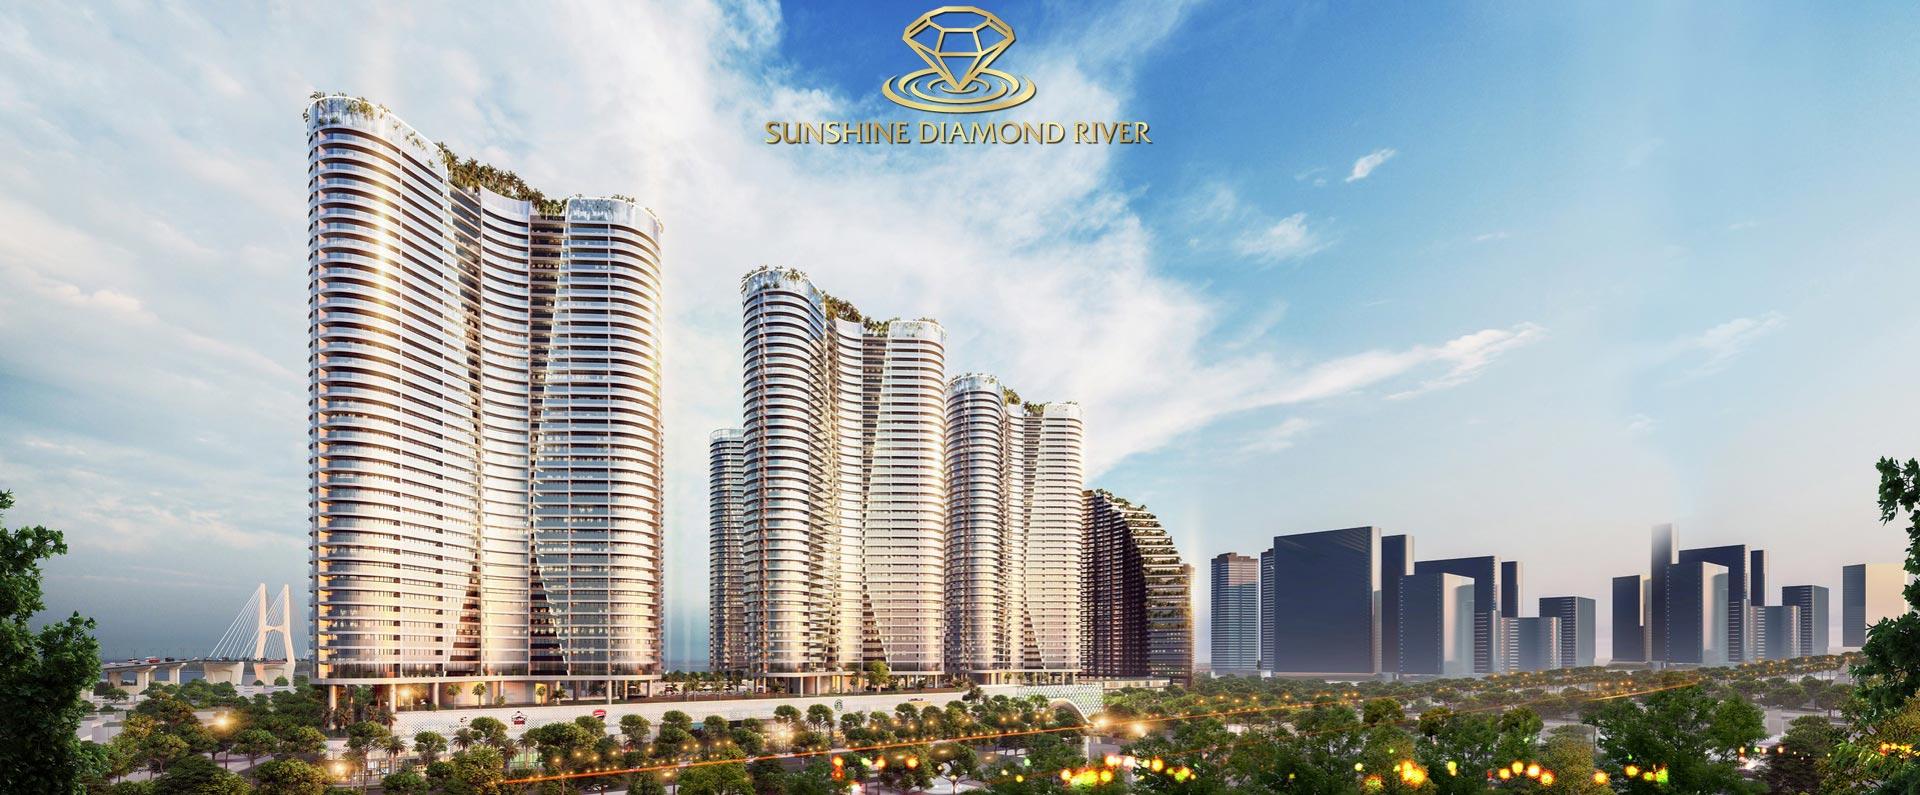 Mua bán cho thuê dự án căn hộ chung cư Sunshine Diamond River Quận 7 Đường Đào Trí chủ đầu tư Sunshine Group